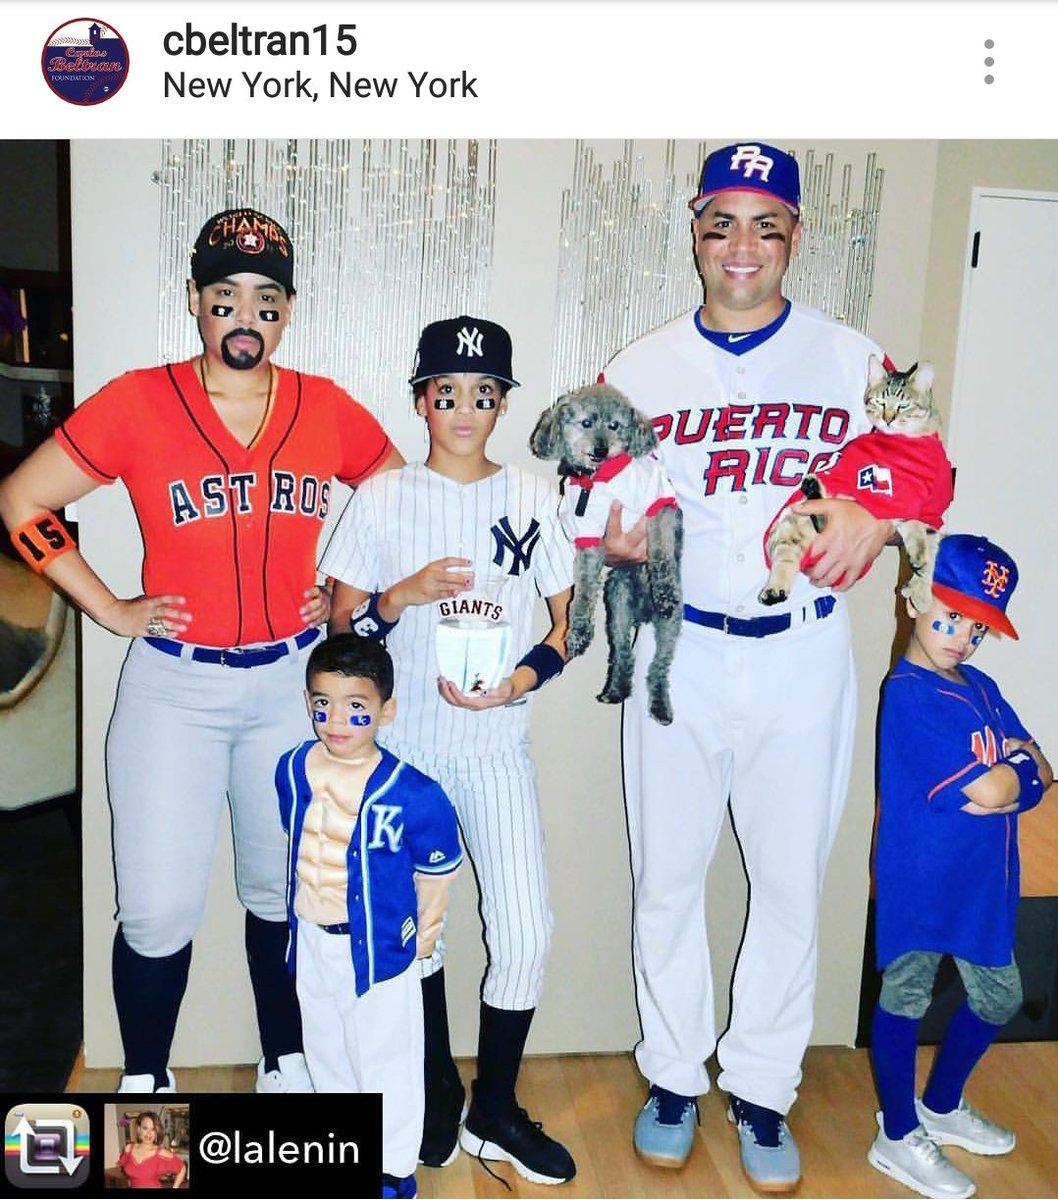 Helen Elizabeth On Twitter Carlos Beltran S Family Dressed